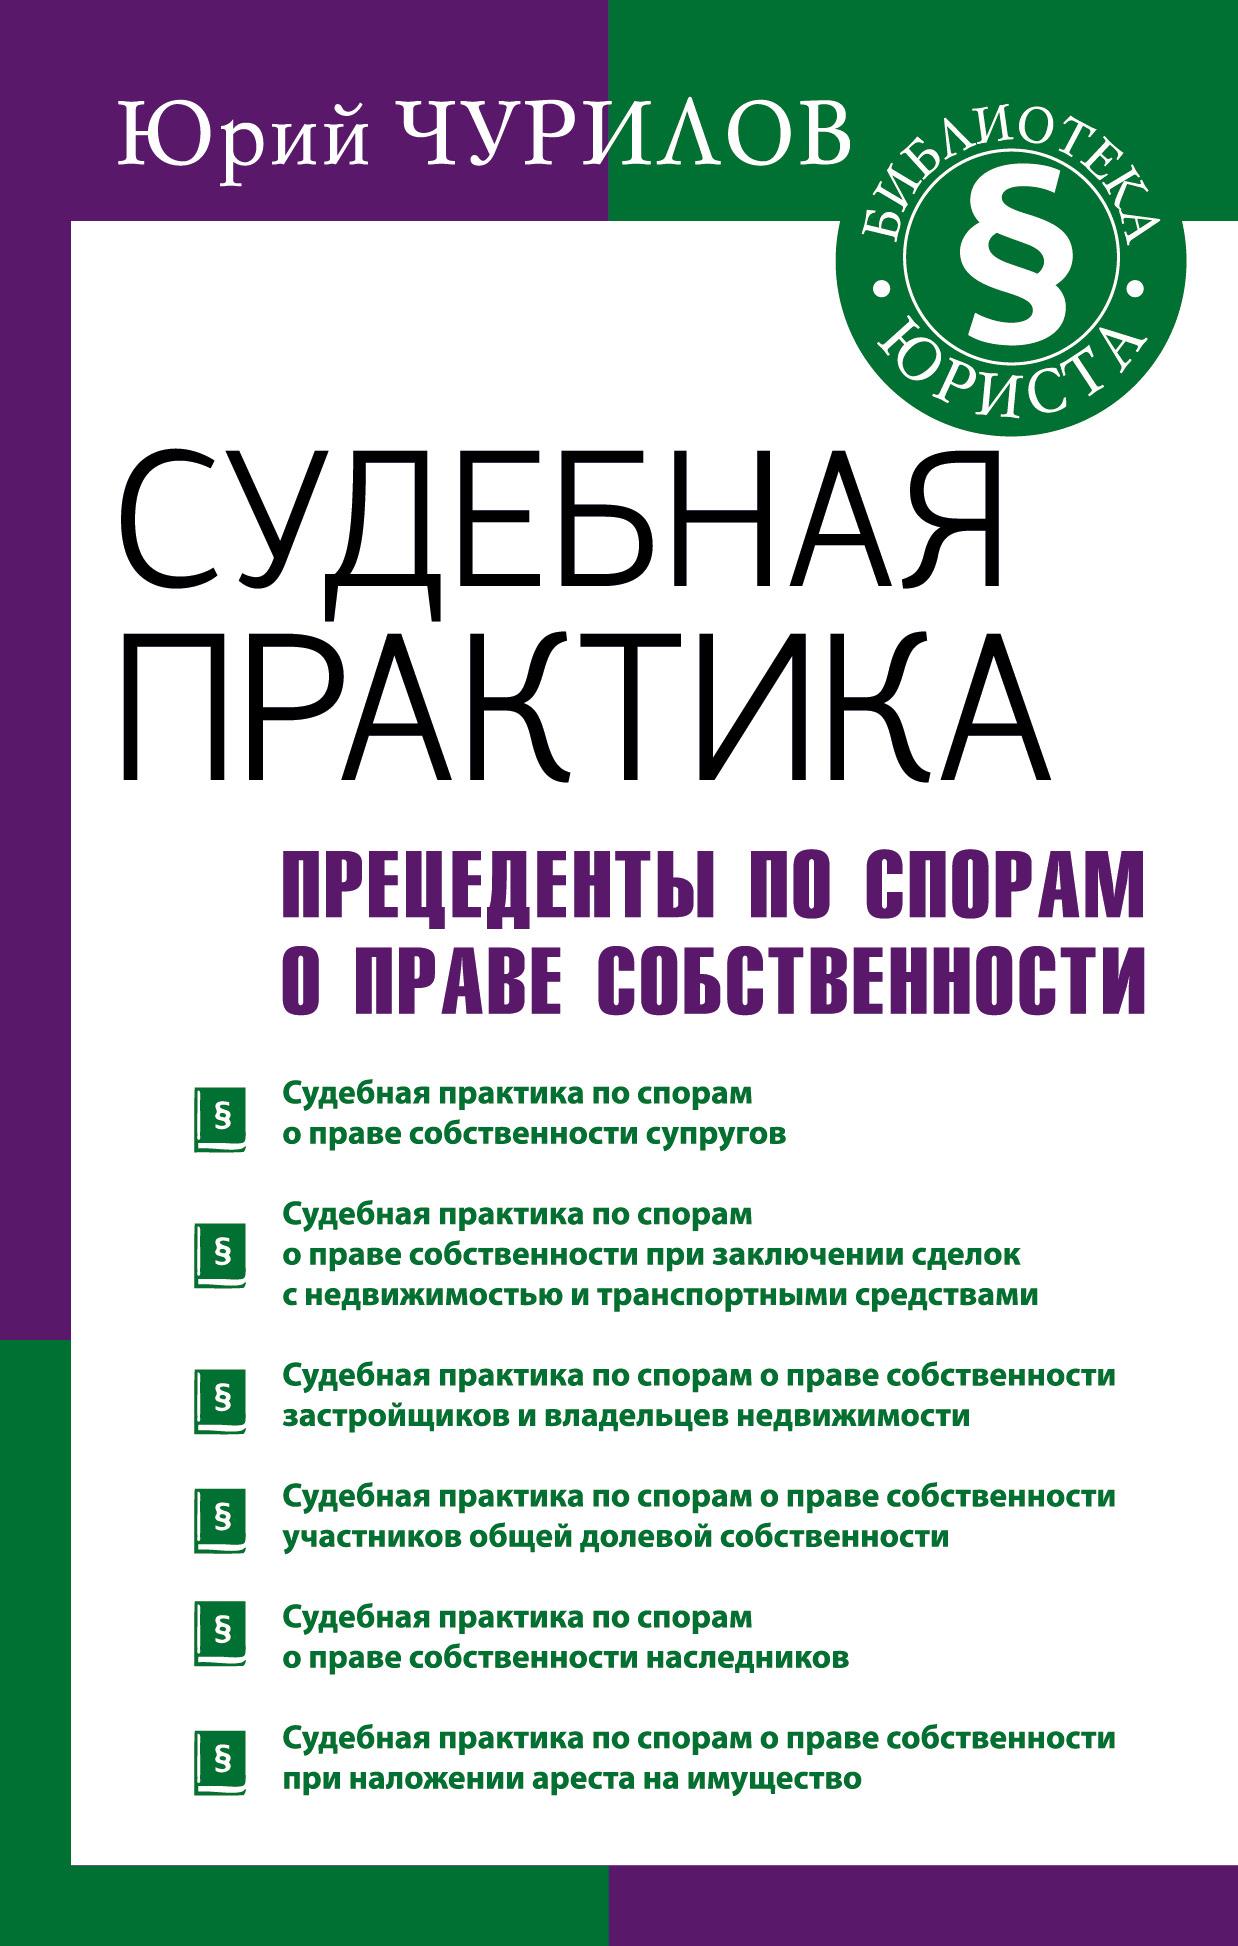 Юрий Чурилов Судебная практика. Прецеденты по спорам о праве собственности